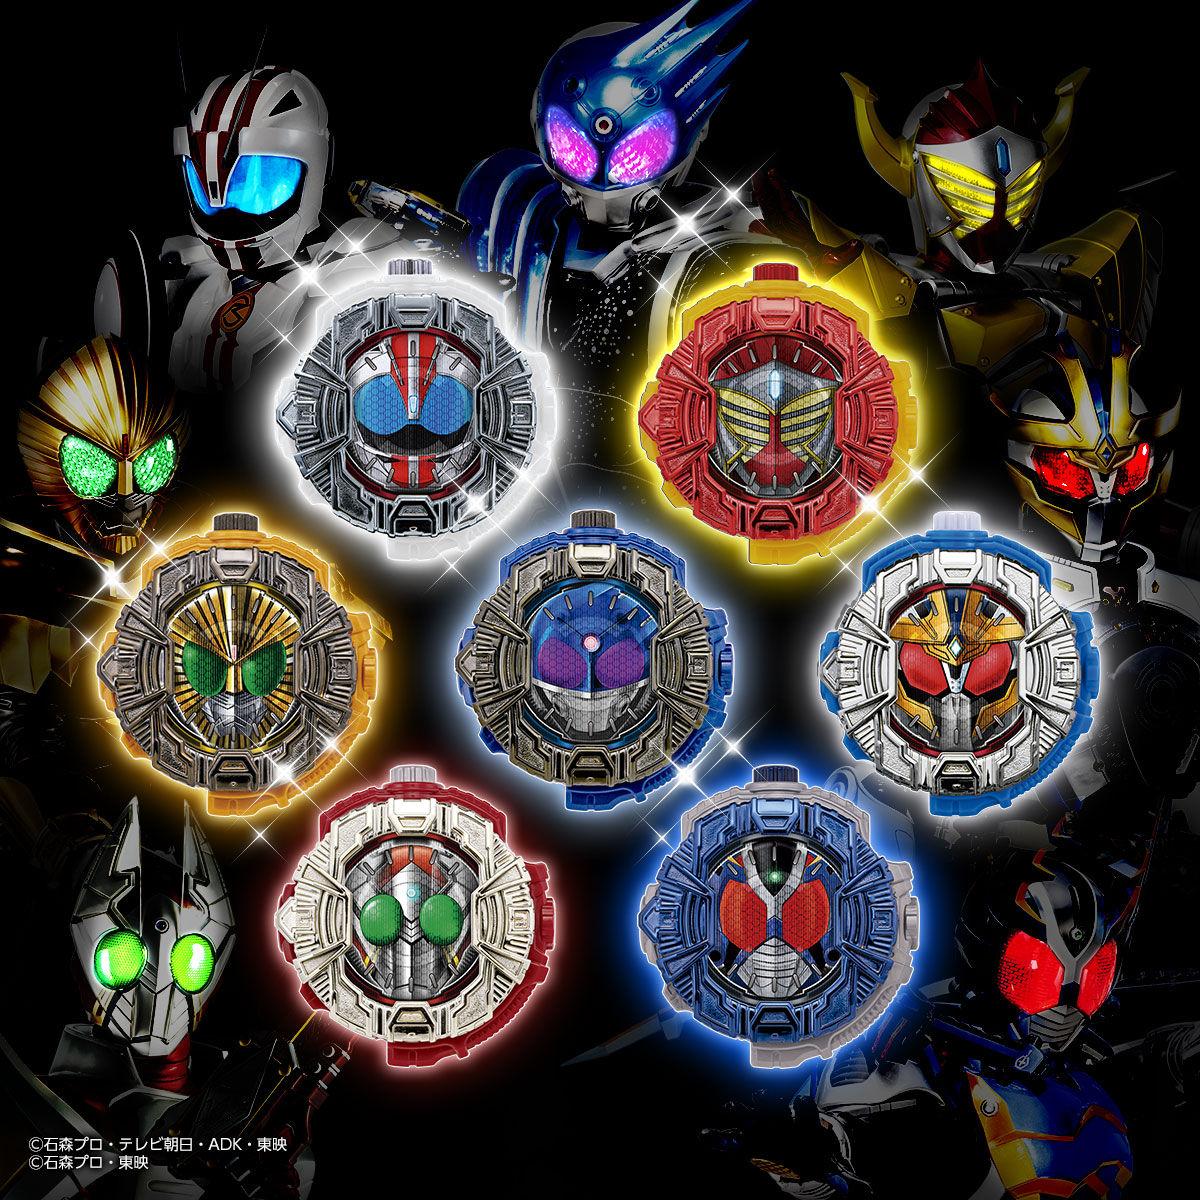 仮面ライダージオウ サウンドライドウォッチシリーズ『GPライドウォッチPB02』ガシャポン-001